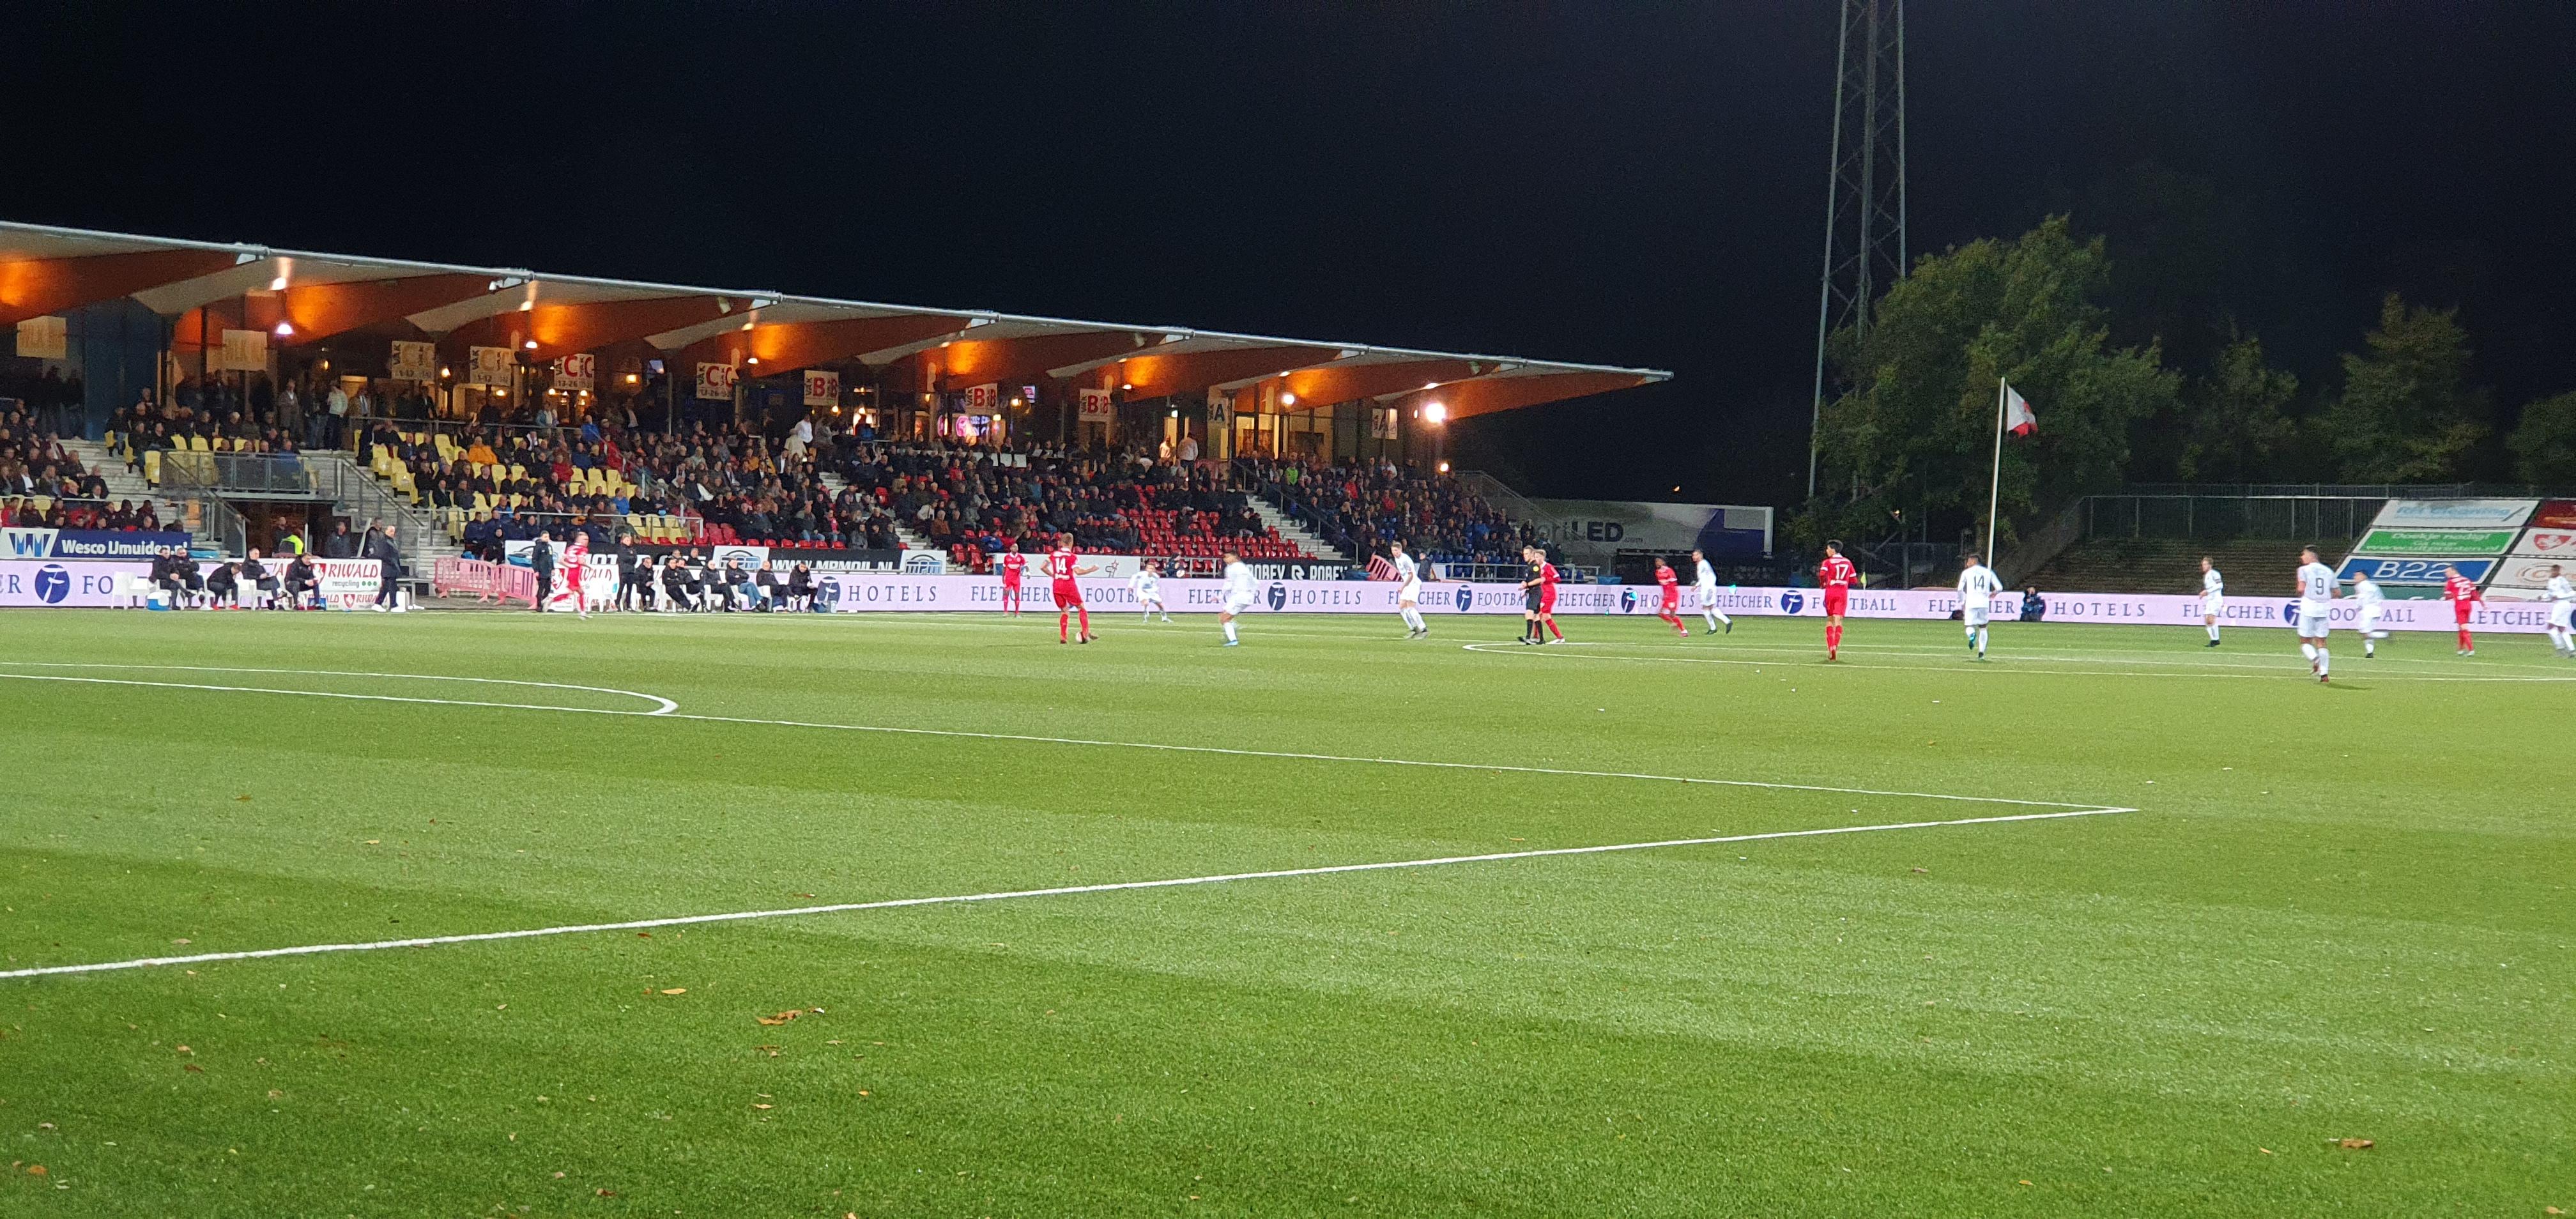 Snelle goal Telstar zorgt voor verloren wedstrijd in Velsen-zuid